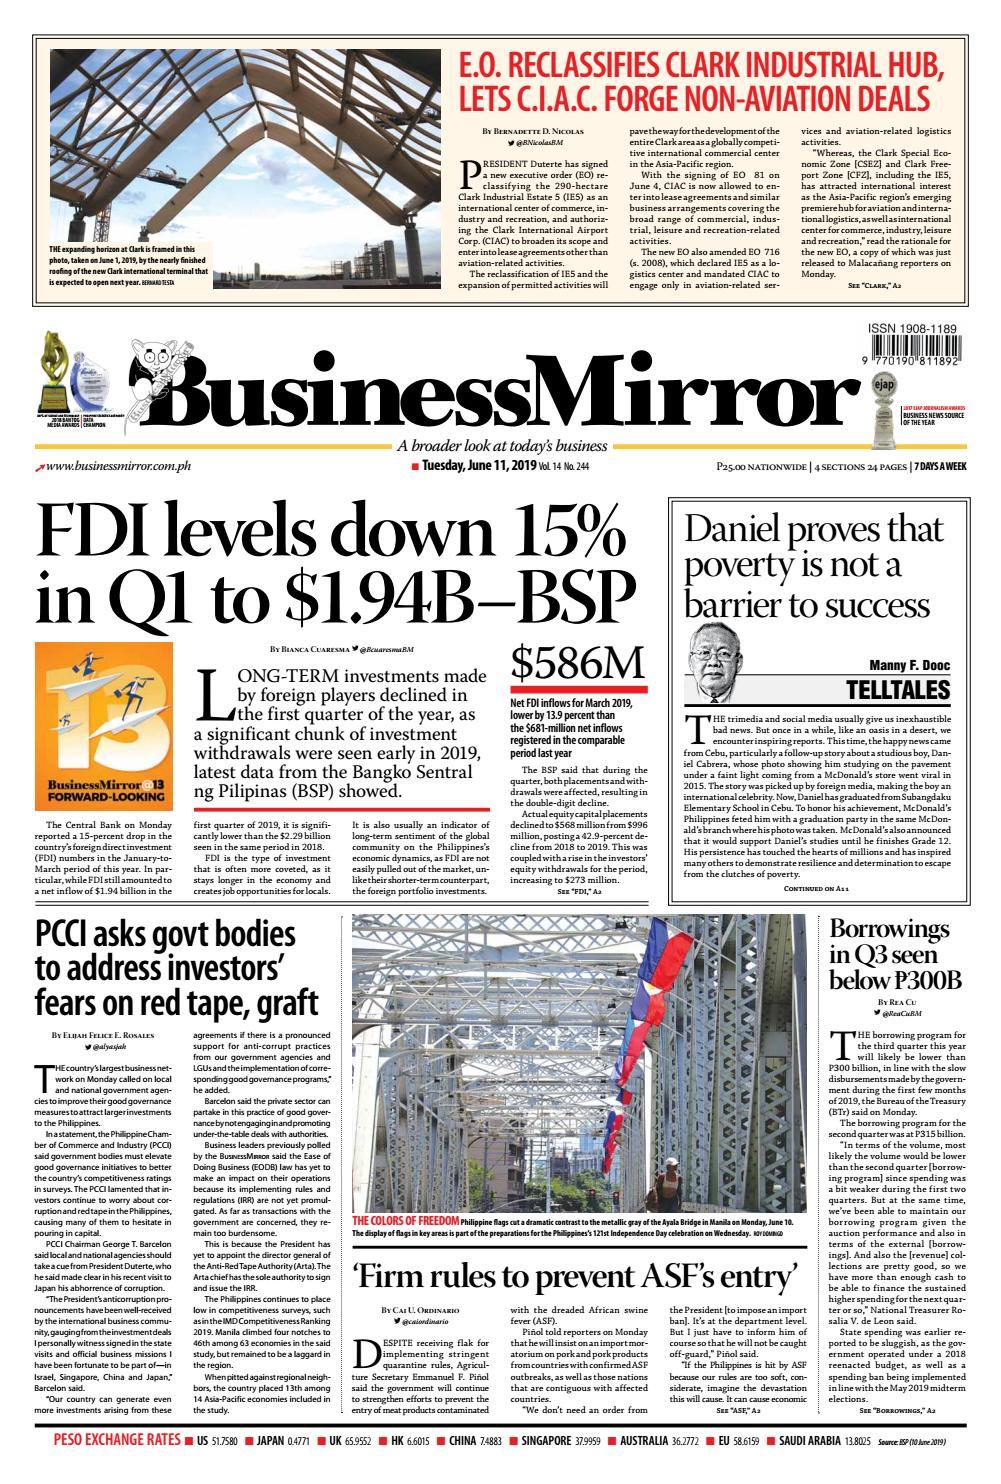 BusinessMirror June 11, 2019 by BusinessMirror - issuu